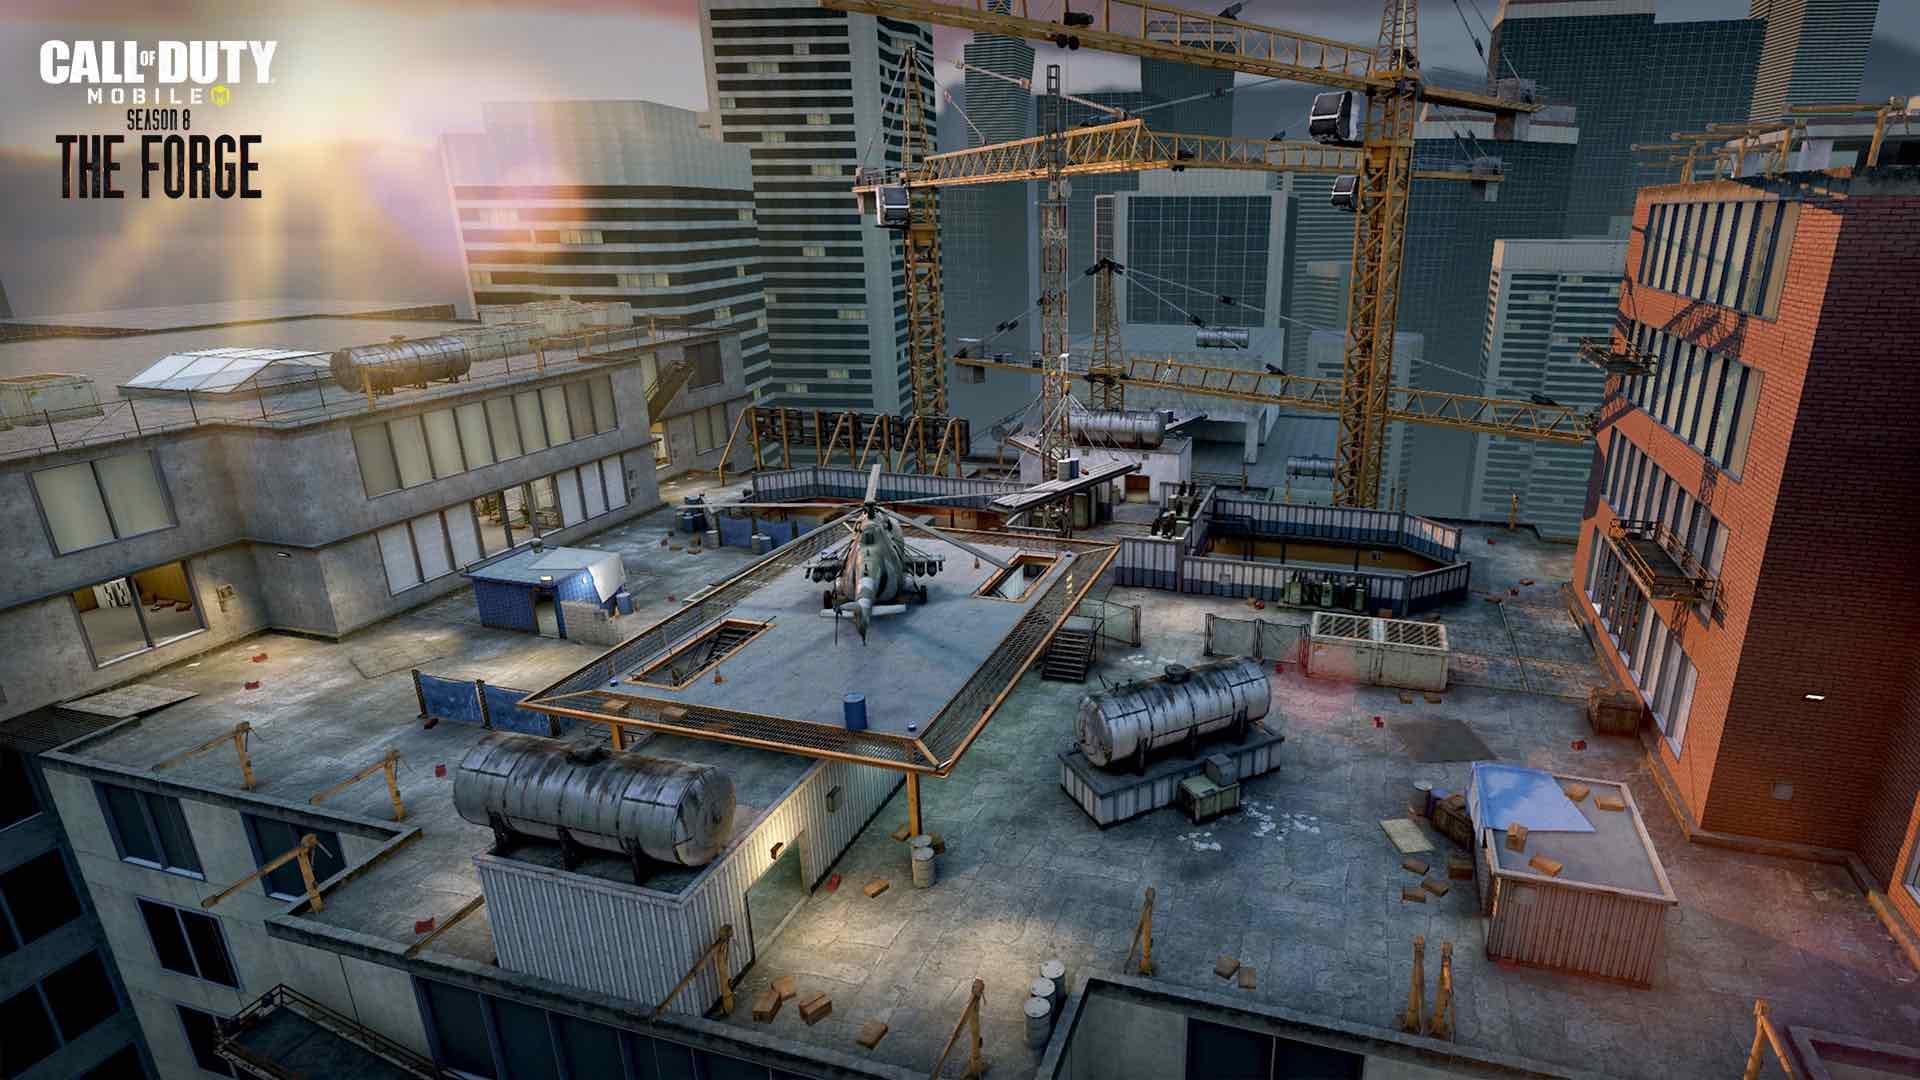 Ya Esta Disponible The Forge La Temporada 8 De Call Of Duty Mobile Allgamersin